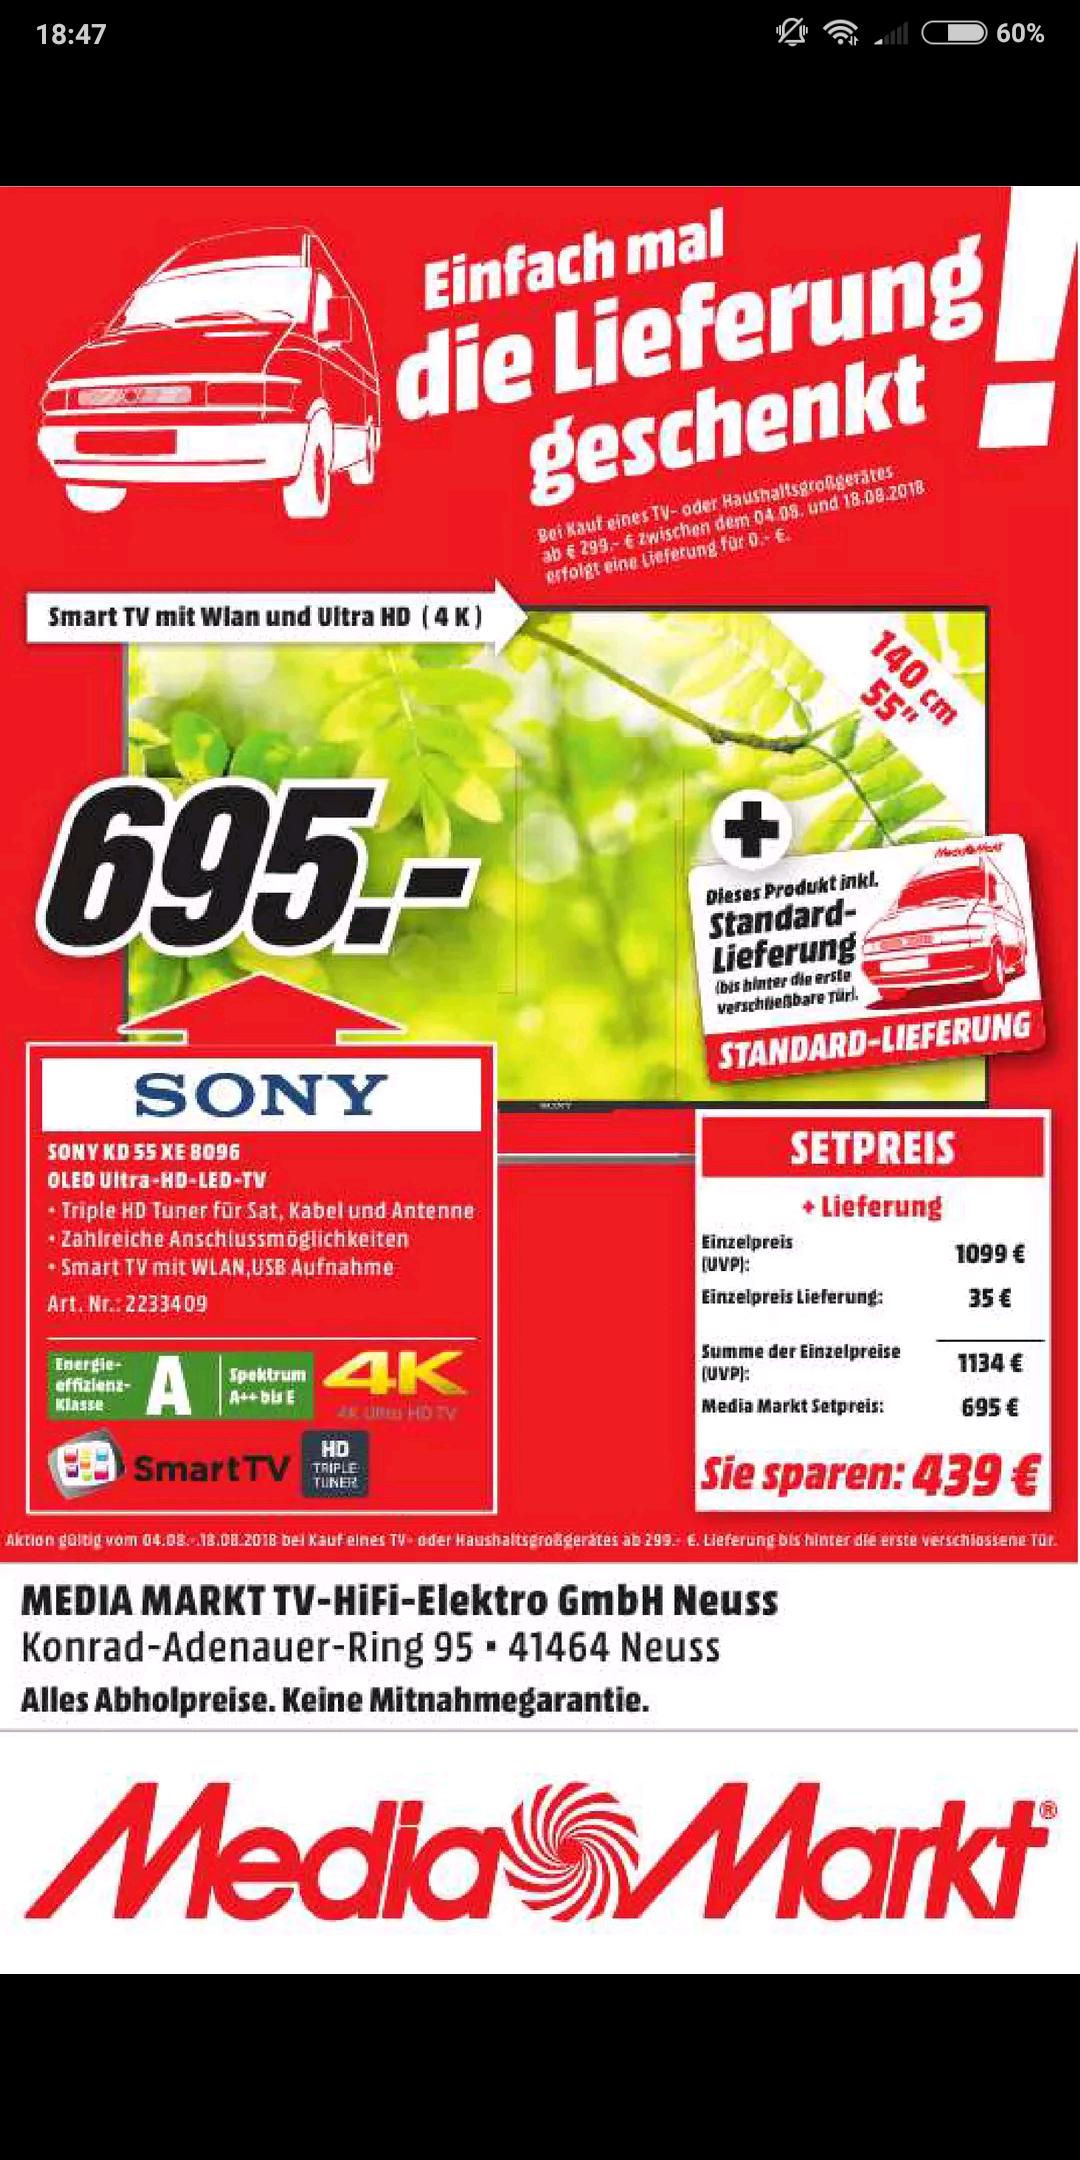 (Lokal Neuss) 55XE8096 inkl. Versand (Preis vlt verhandelbar, Dealbeschreibung beachten bitte! Erst lesen, dann Voten)